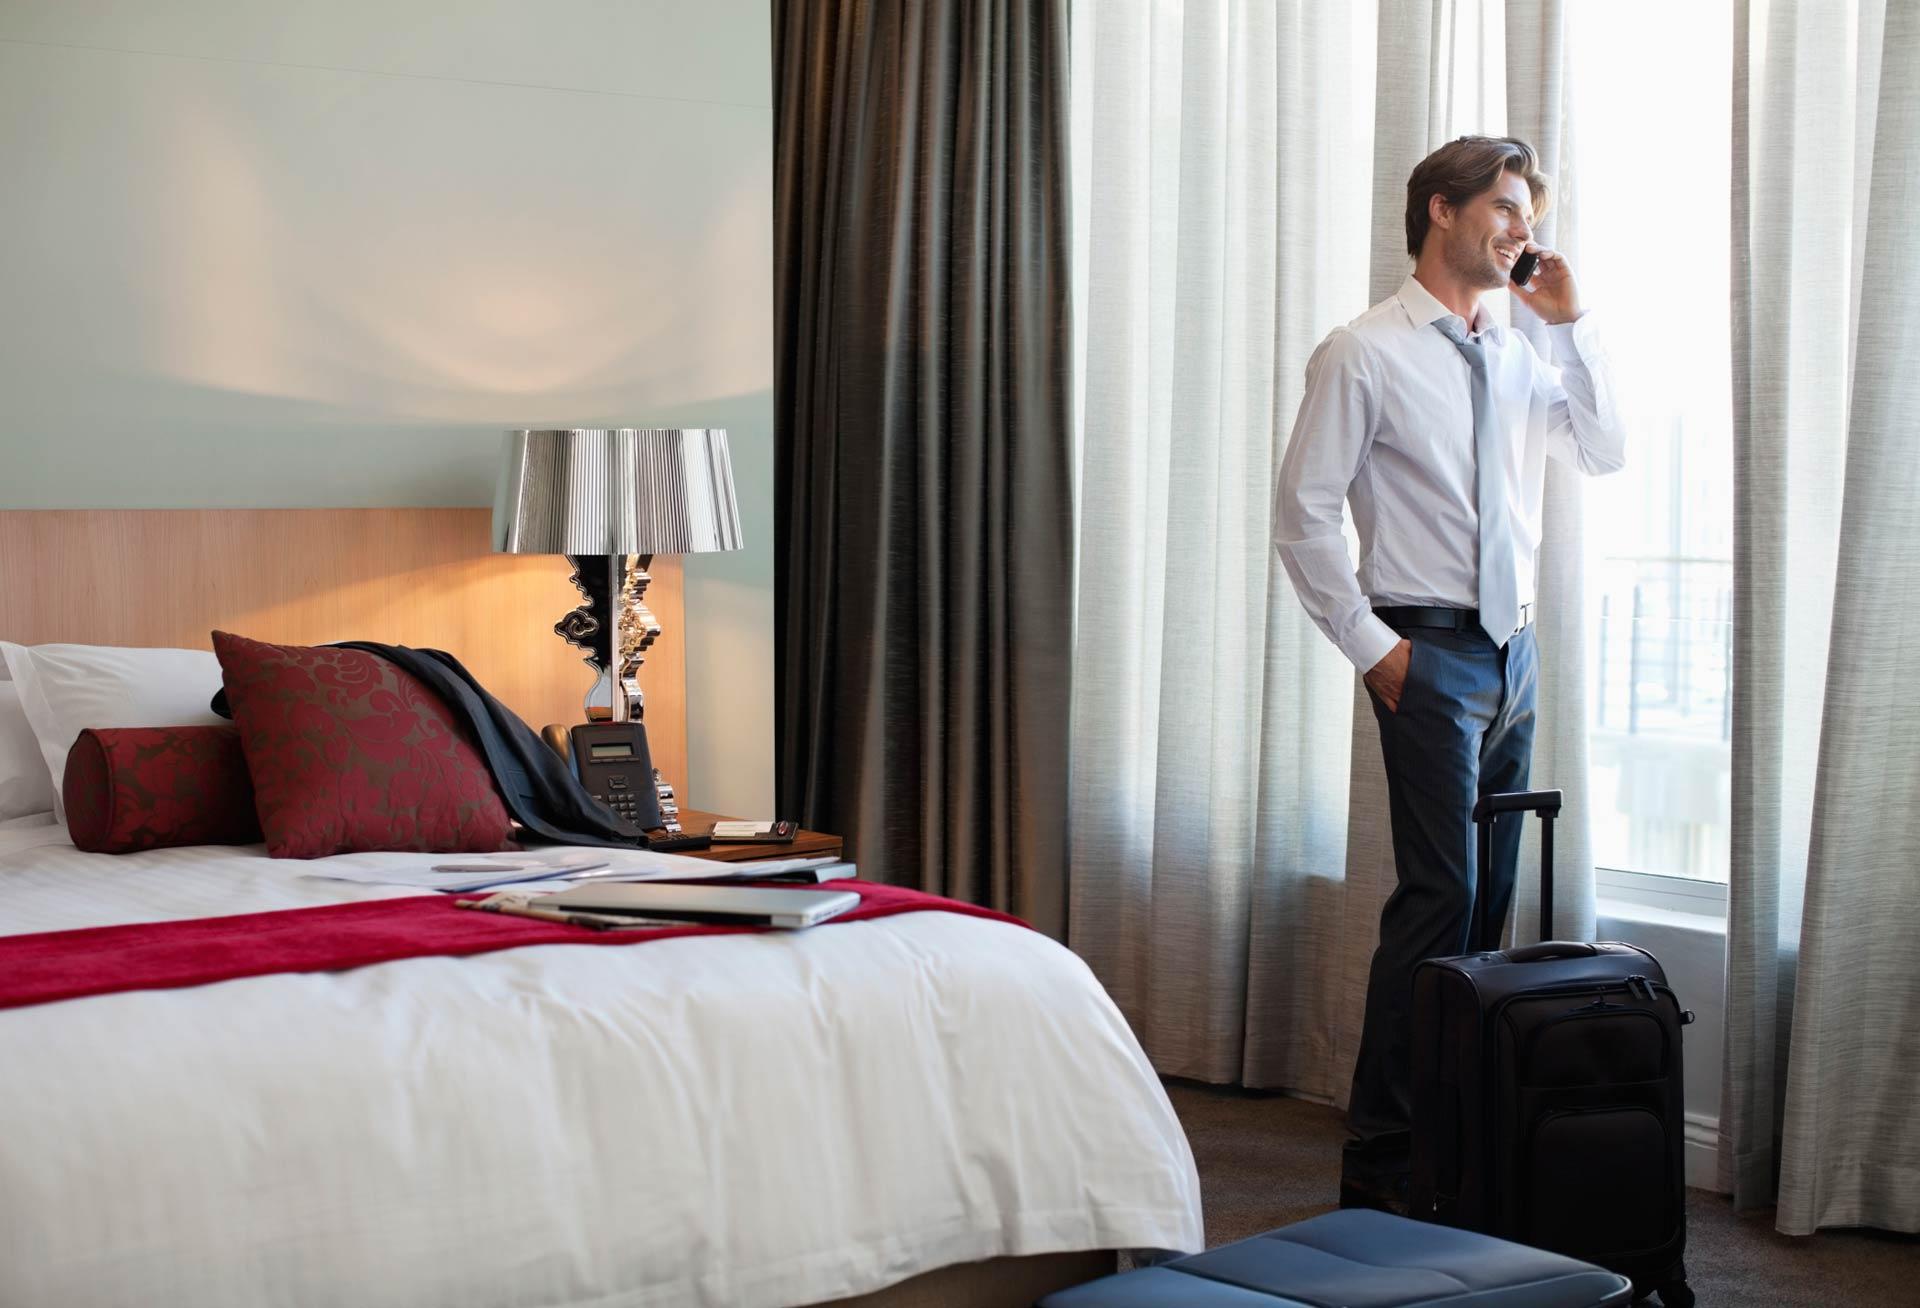 Топ-5 лайфхаков, зная которые, вы легко сделаете свое проживание в отеле более комфортным